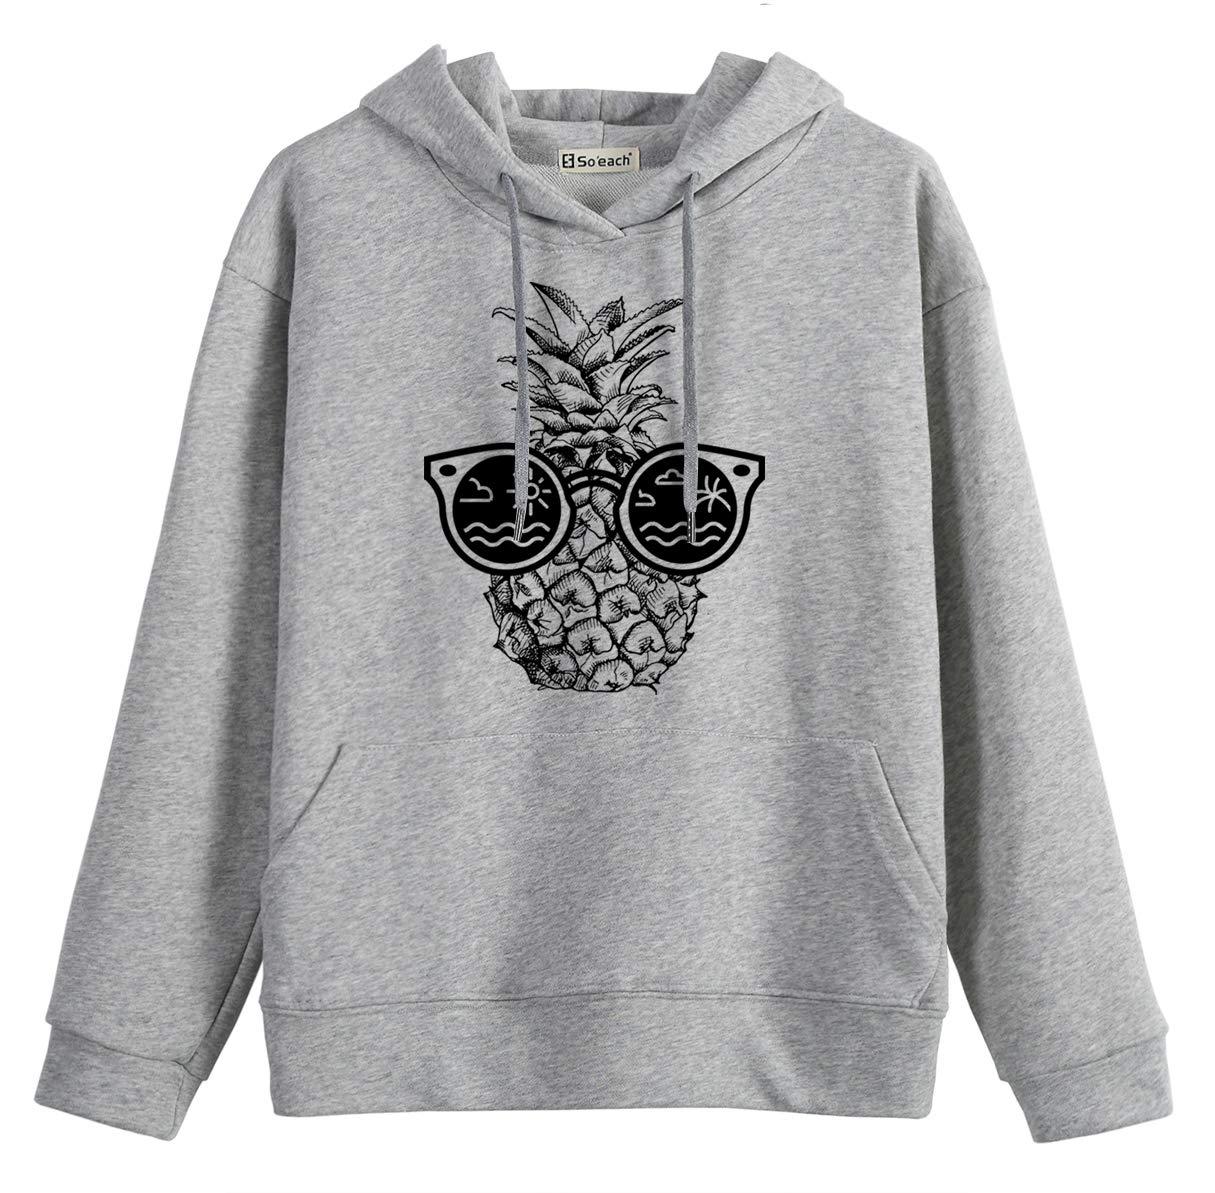 So'each Women Jumper Hoodies Sweatshirt with Sunglasses Pineapple Printed Grey